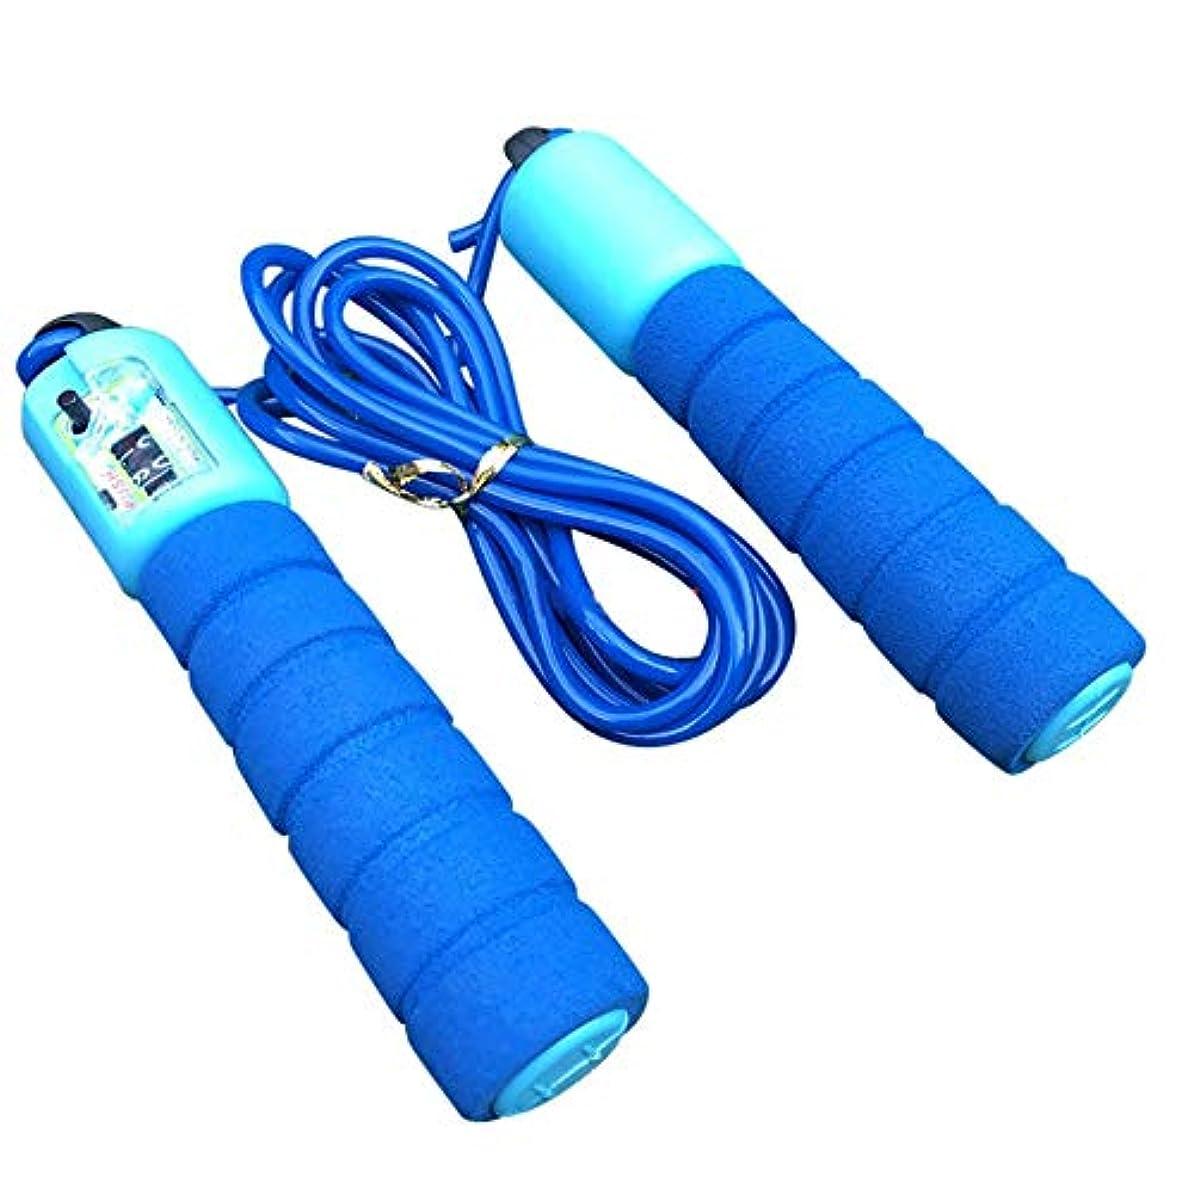 知らせるランドリー多用途調整可能なプロフェッショナルカウント縄跳び自動カウントジャンプロープフィットネス運動高速カウントジャンプロープ - 青